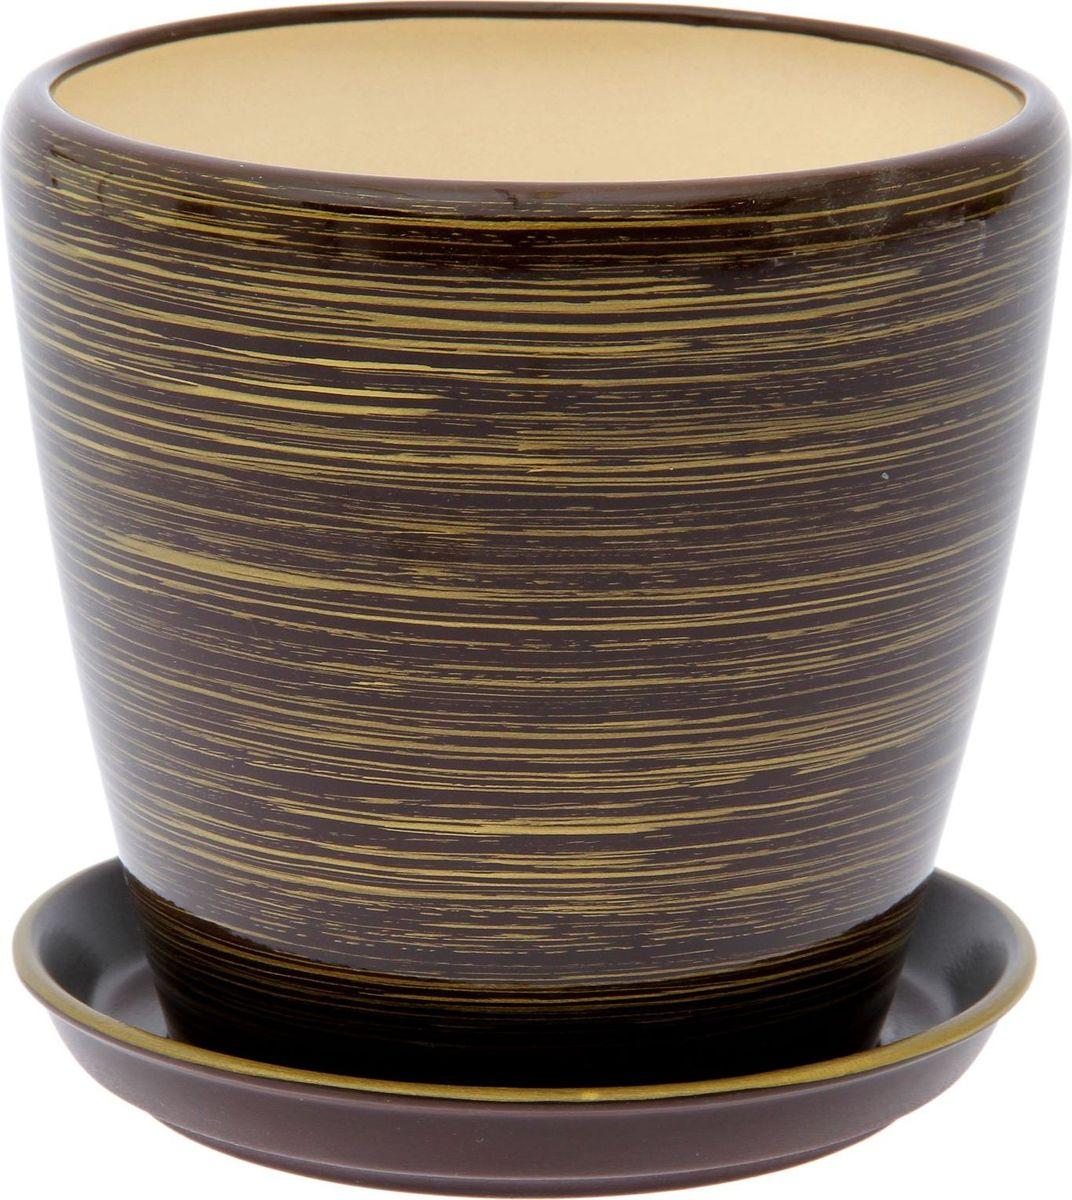 Кашпо Керамика ручной работы Грация. Глянец, цвет: шоколадный, золотой, 10 л1489672Комнатные растения — всеобщие любимцы. Они радуют глаз, насыщают помещение кислородом и украшают пространство. Каждому из них необходим свой удобный и красивый дом. Кашпо из керамики прекрасно подходят для высадки растений: за счёт пластичности глины и разных способов обработки существует великое множество форм и дизайновпористый материал позволяет испаряться лишней влагевоздух, необходимый для дыхания корней, проникает сквозь керамические стенки! #name# позаботится о зелёном питомце, освежит интерьер и подчеркнёт его стиль.